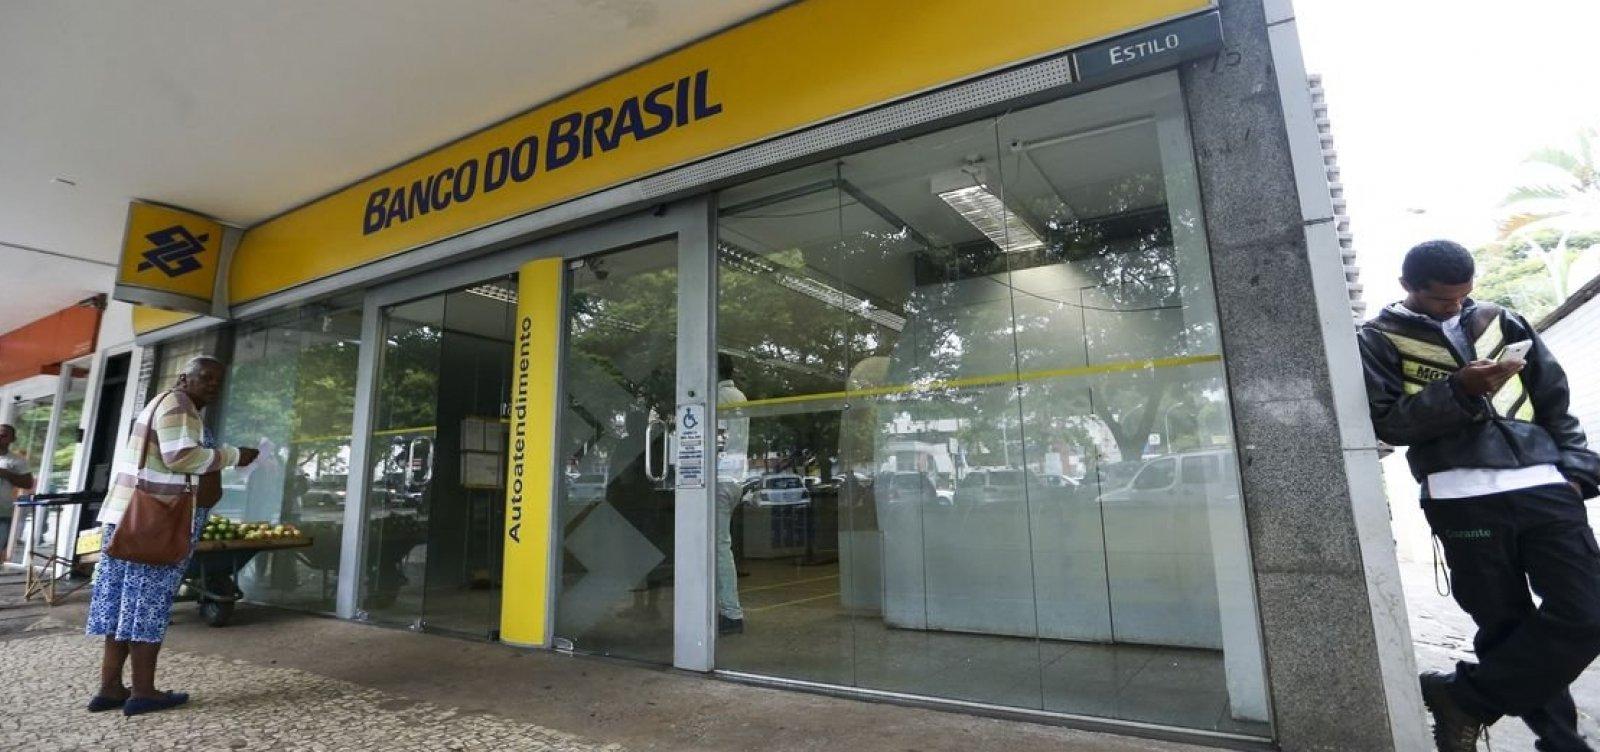 [Megaoperação policial mira suspeitos de desviar quase R$ 30 milhões do BB]